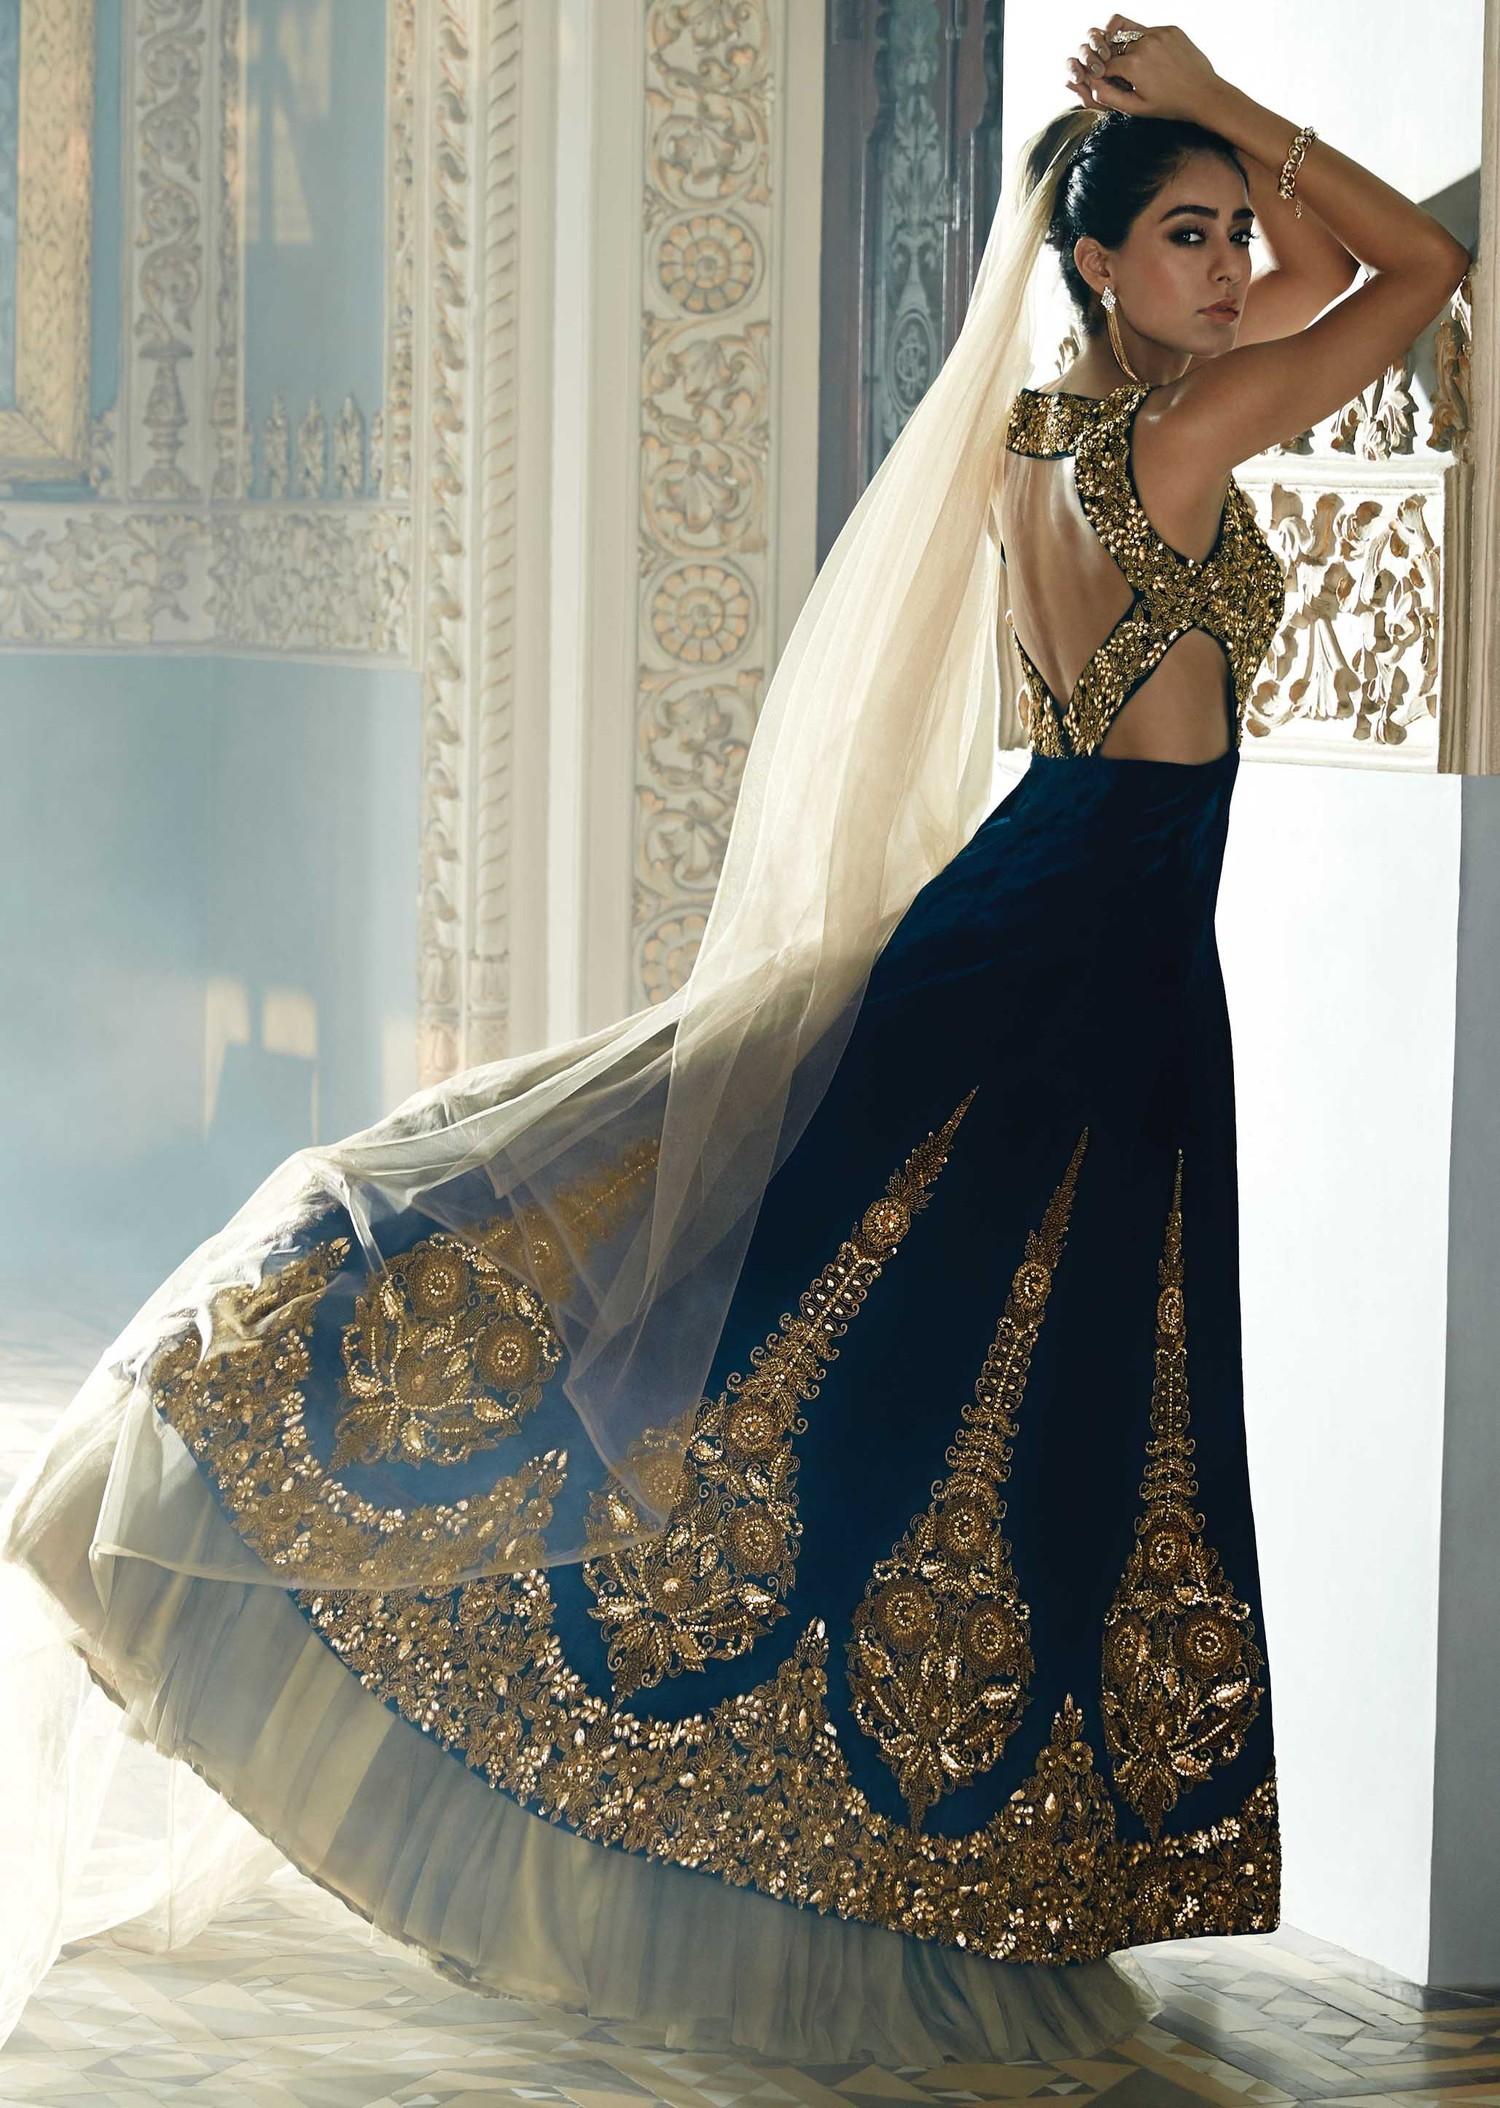 Indian Bridal Hair & Makeup By Simi\'s Hair & Beauty Salon — Simis ...